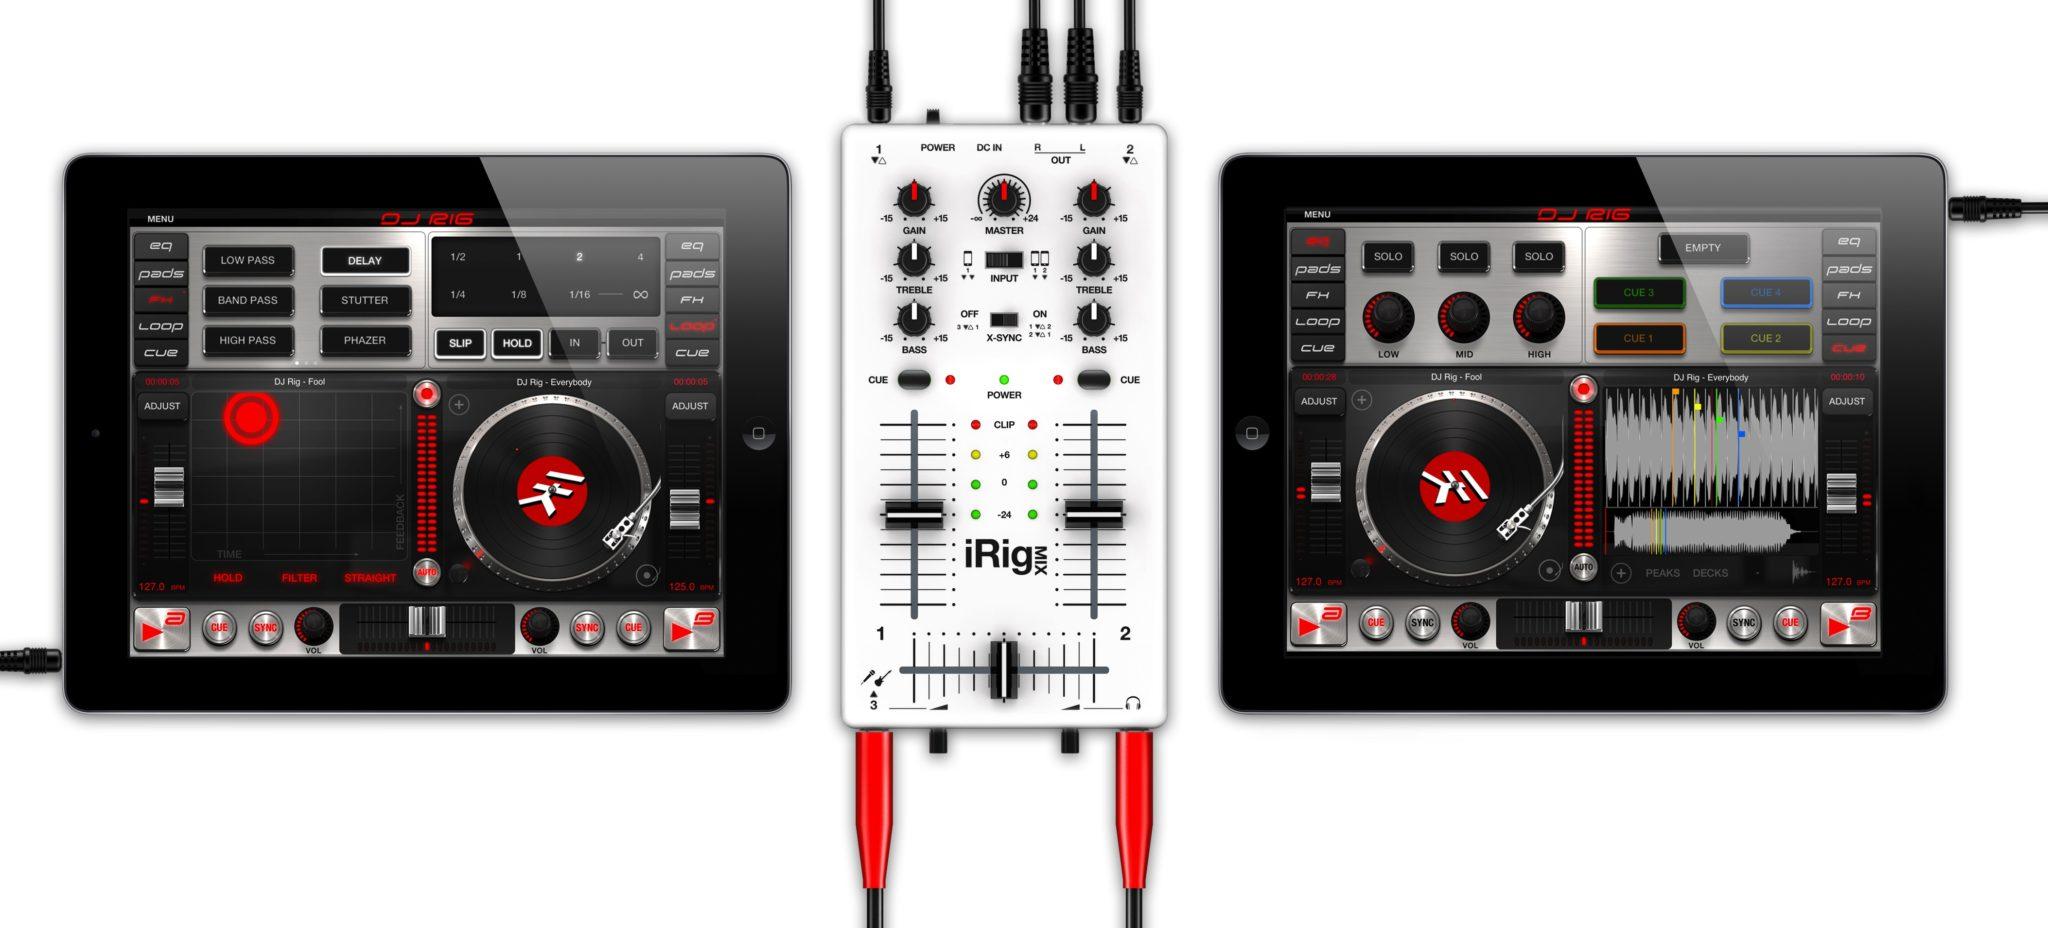 iRigMix+2iPad_top_DJRig_1.0_cue_wave